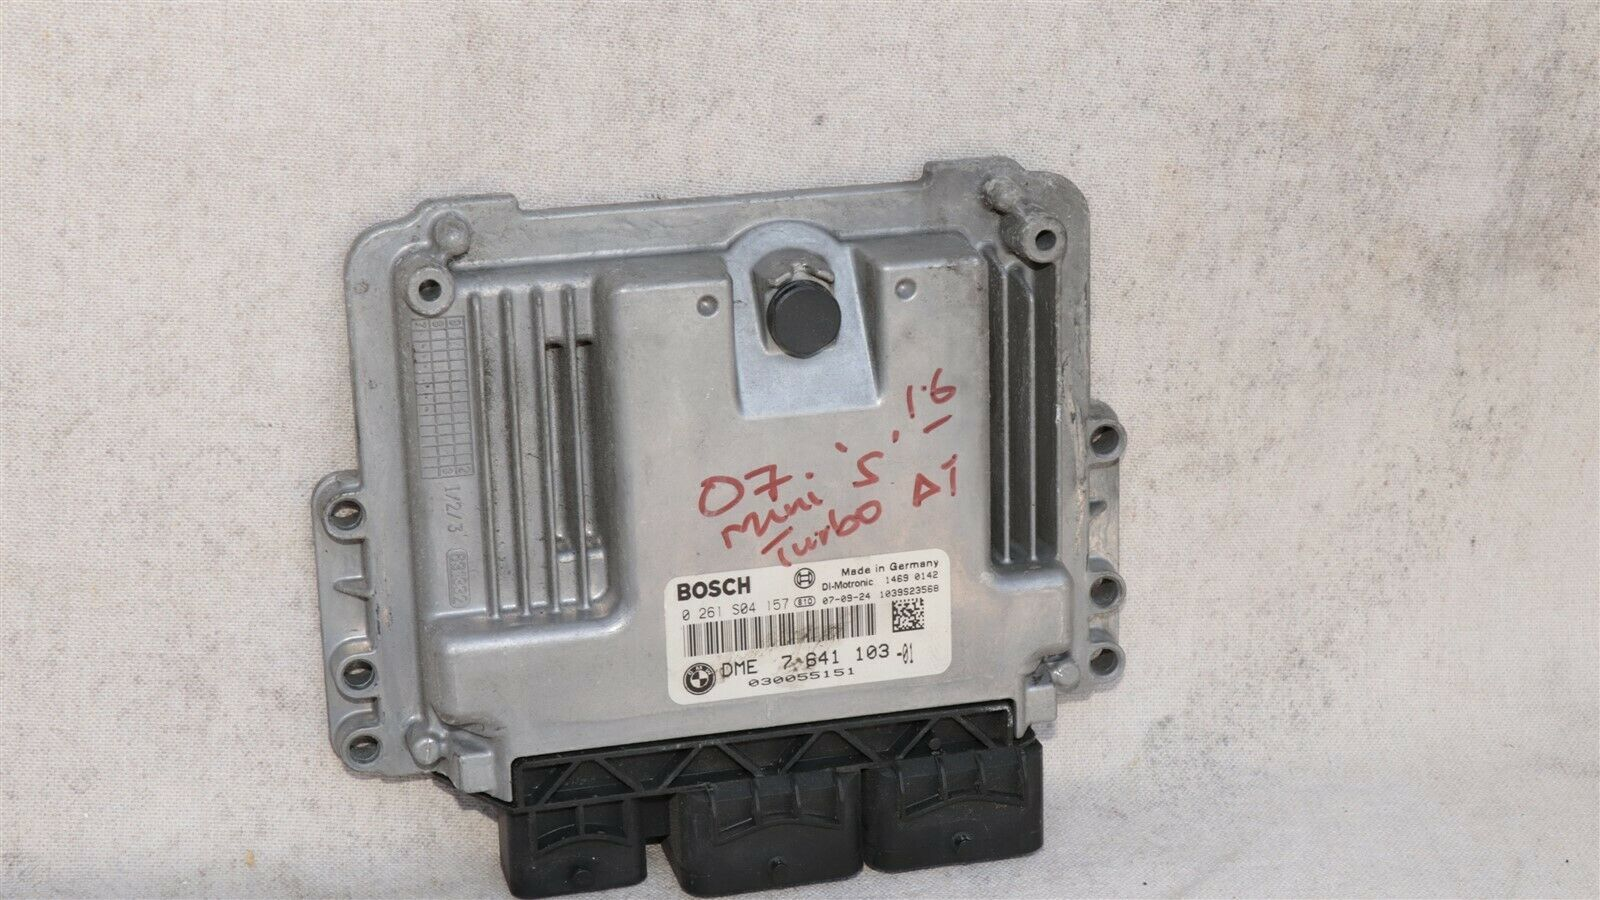 07-13 Mini Cooper-S R55 R56 R57 A/T 1.6L Engine Computer ECU DME 764110301